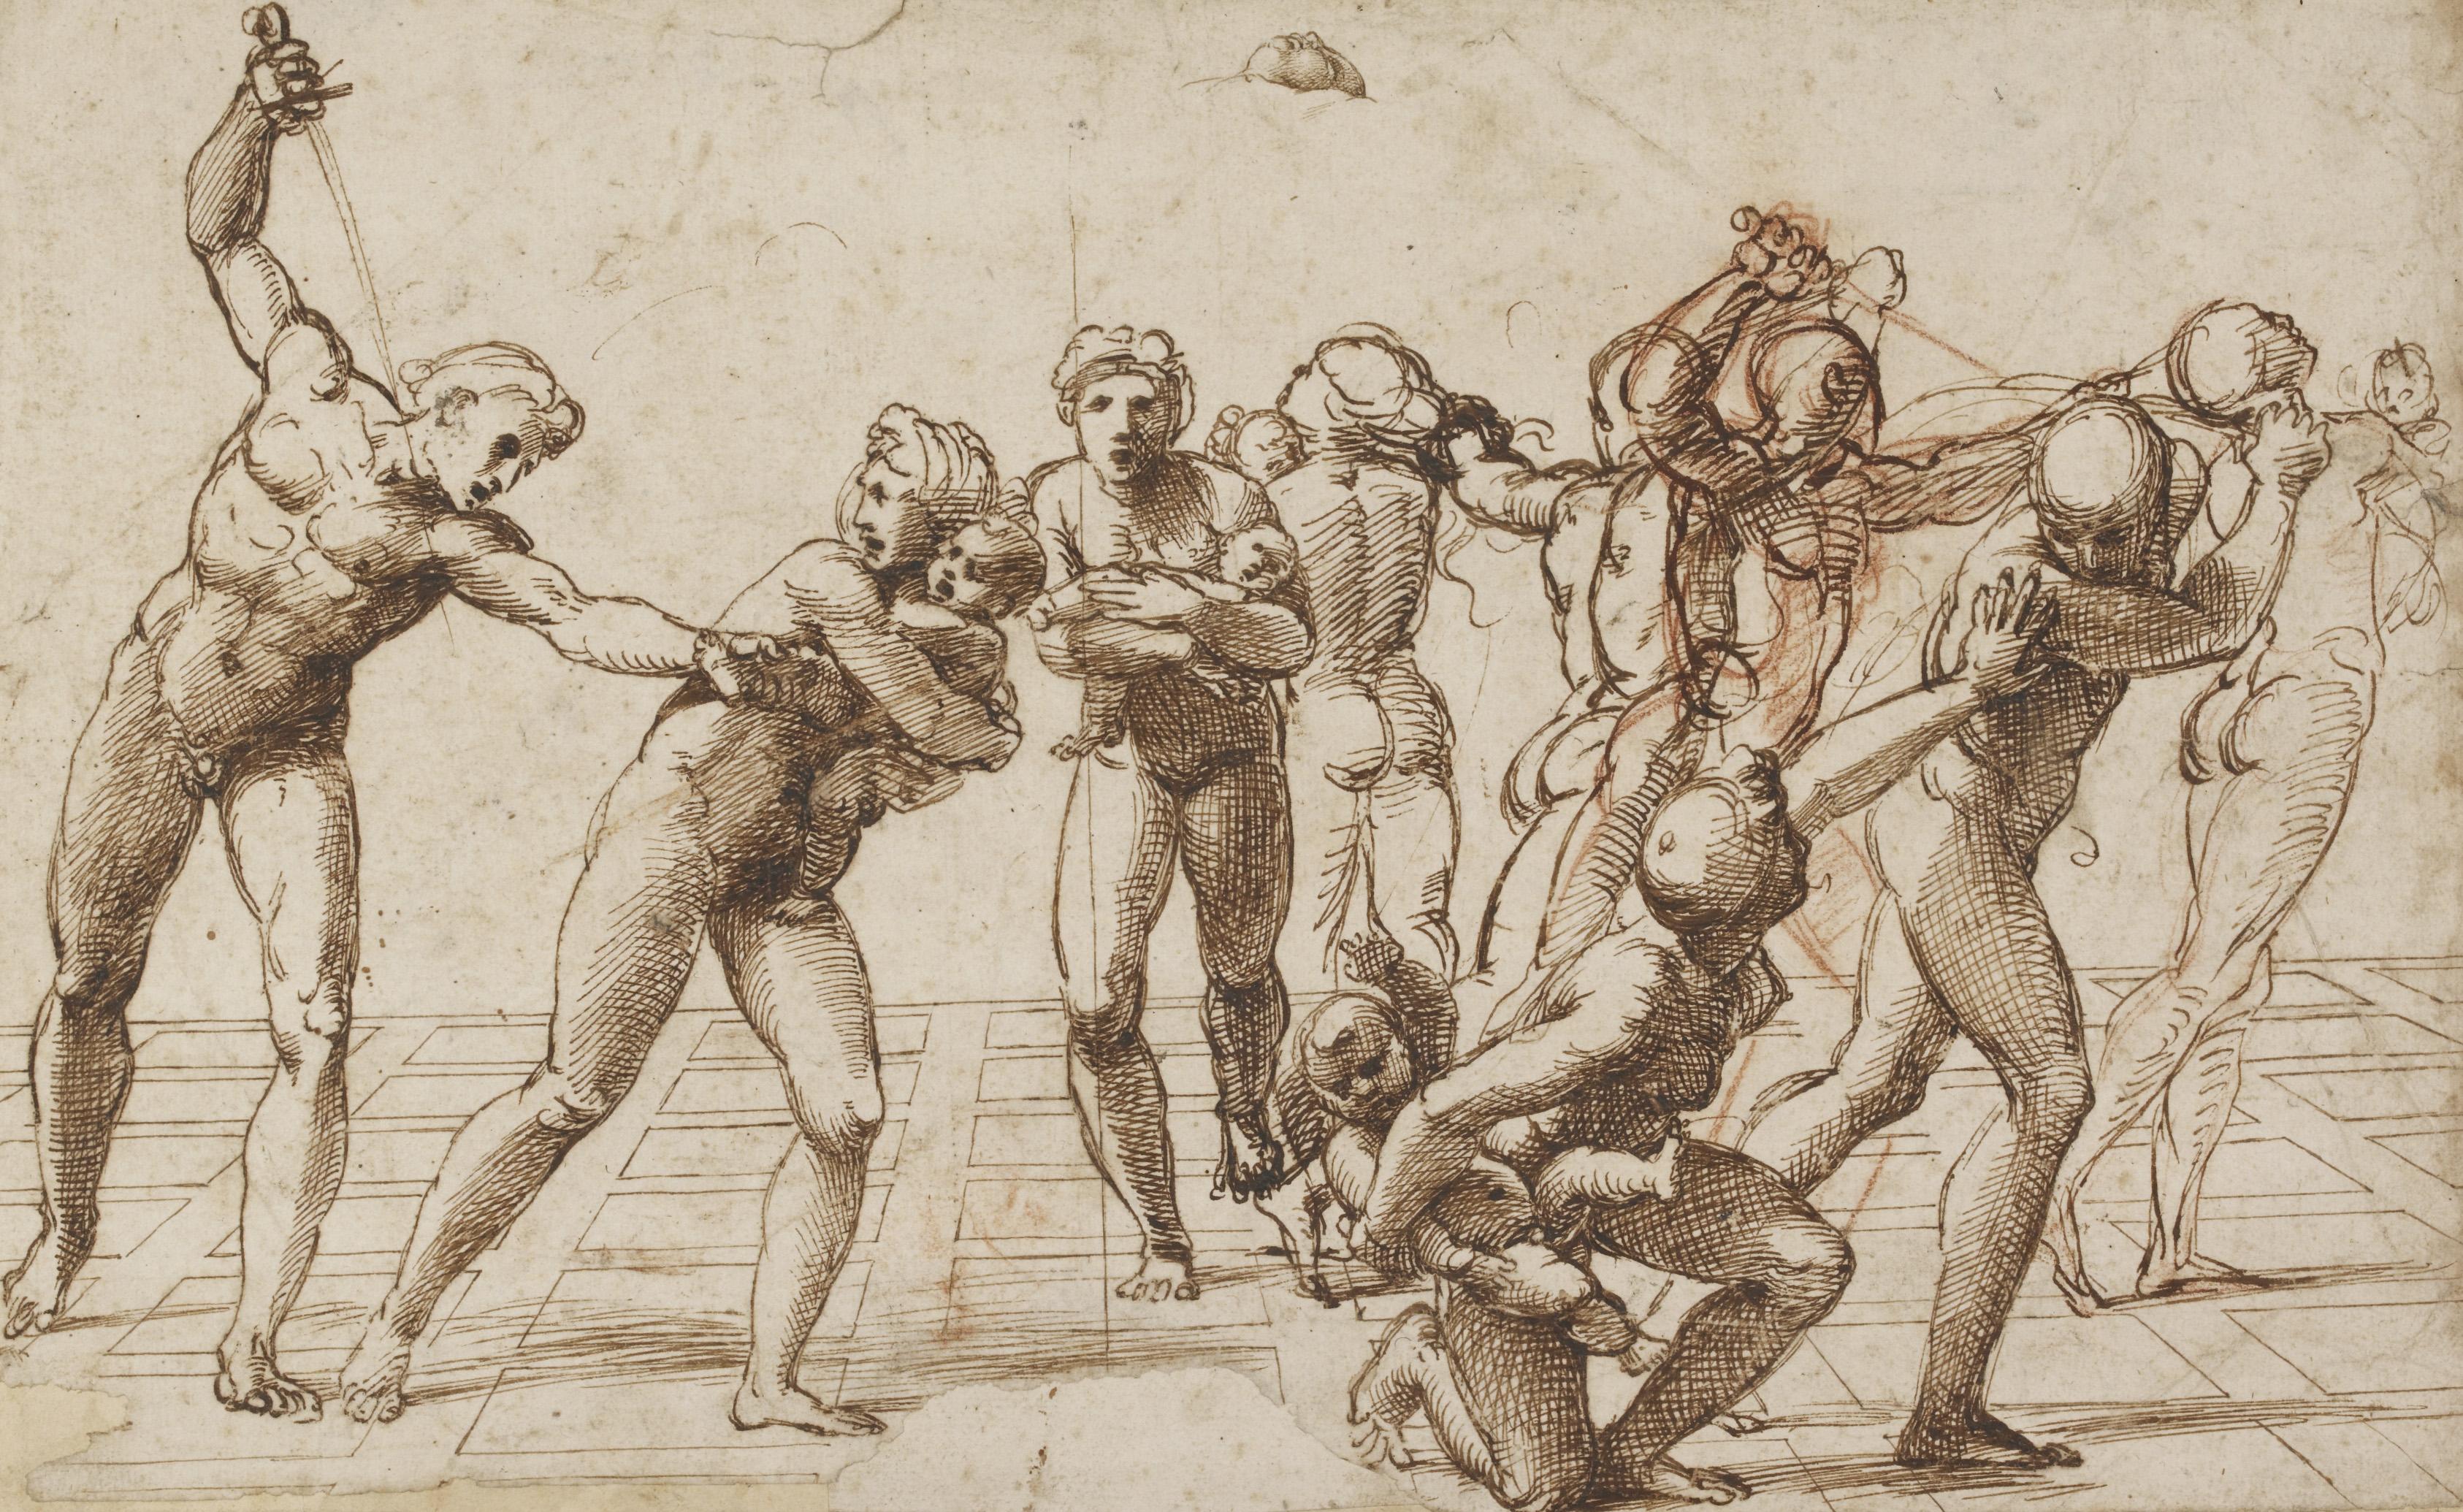 10. Massacre of the Innocents (c) Trustees of the British Museum